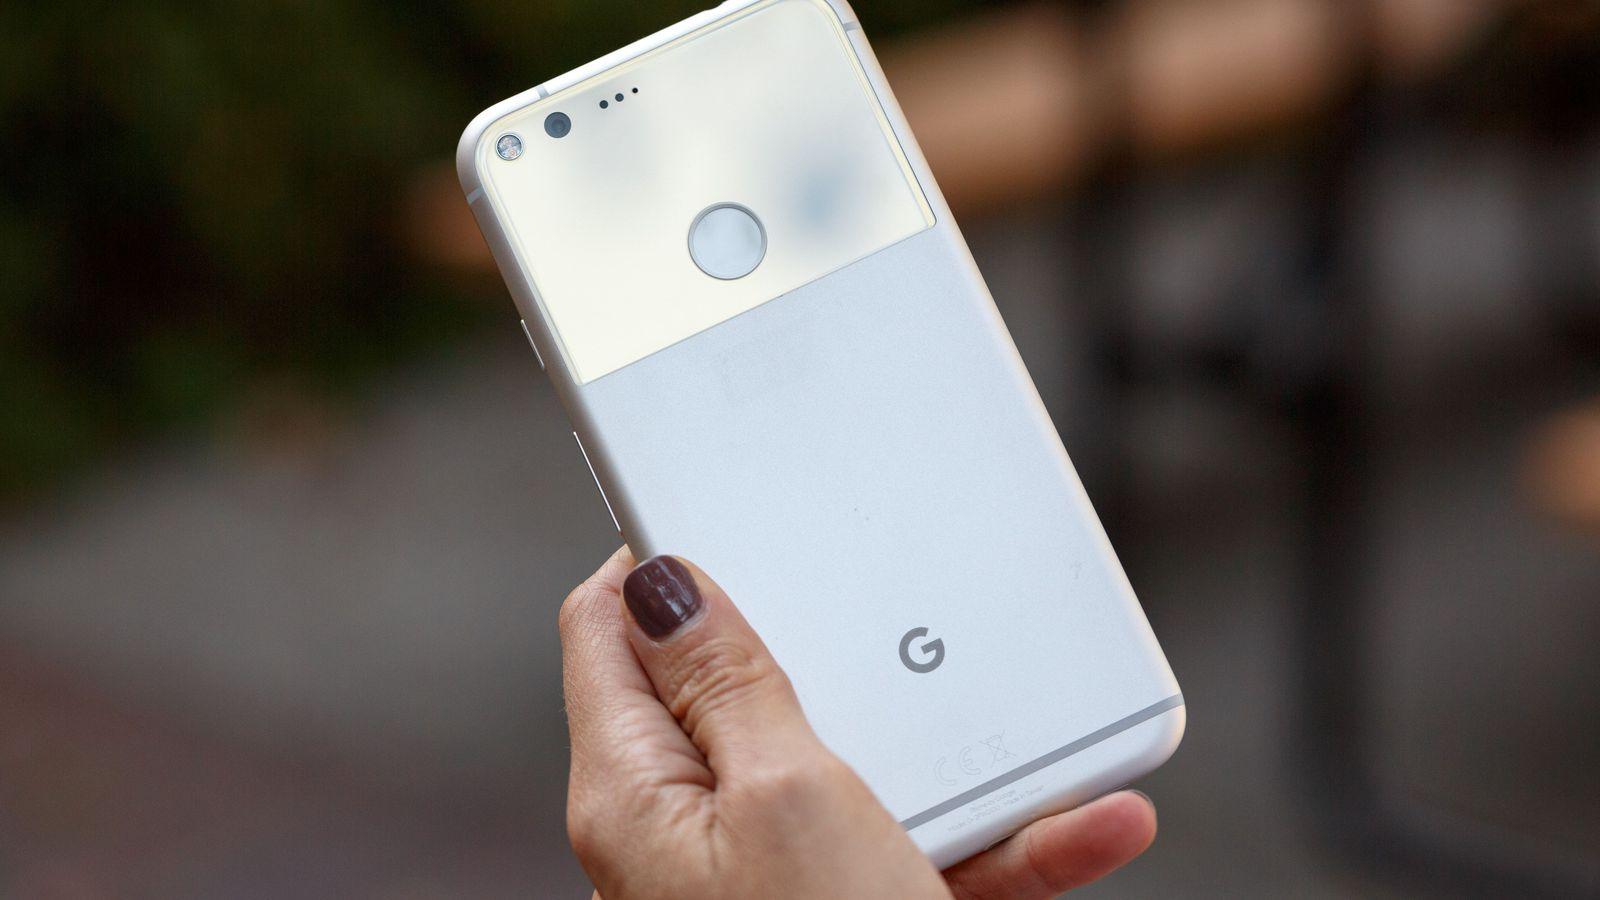 google_pixel_hands_on_3